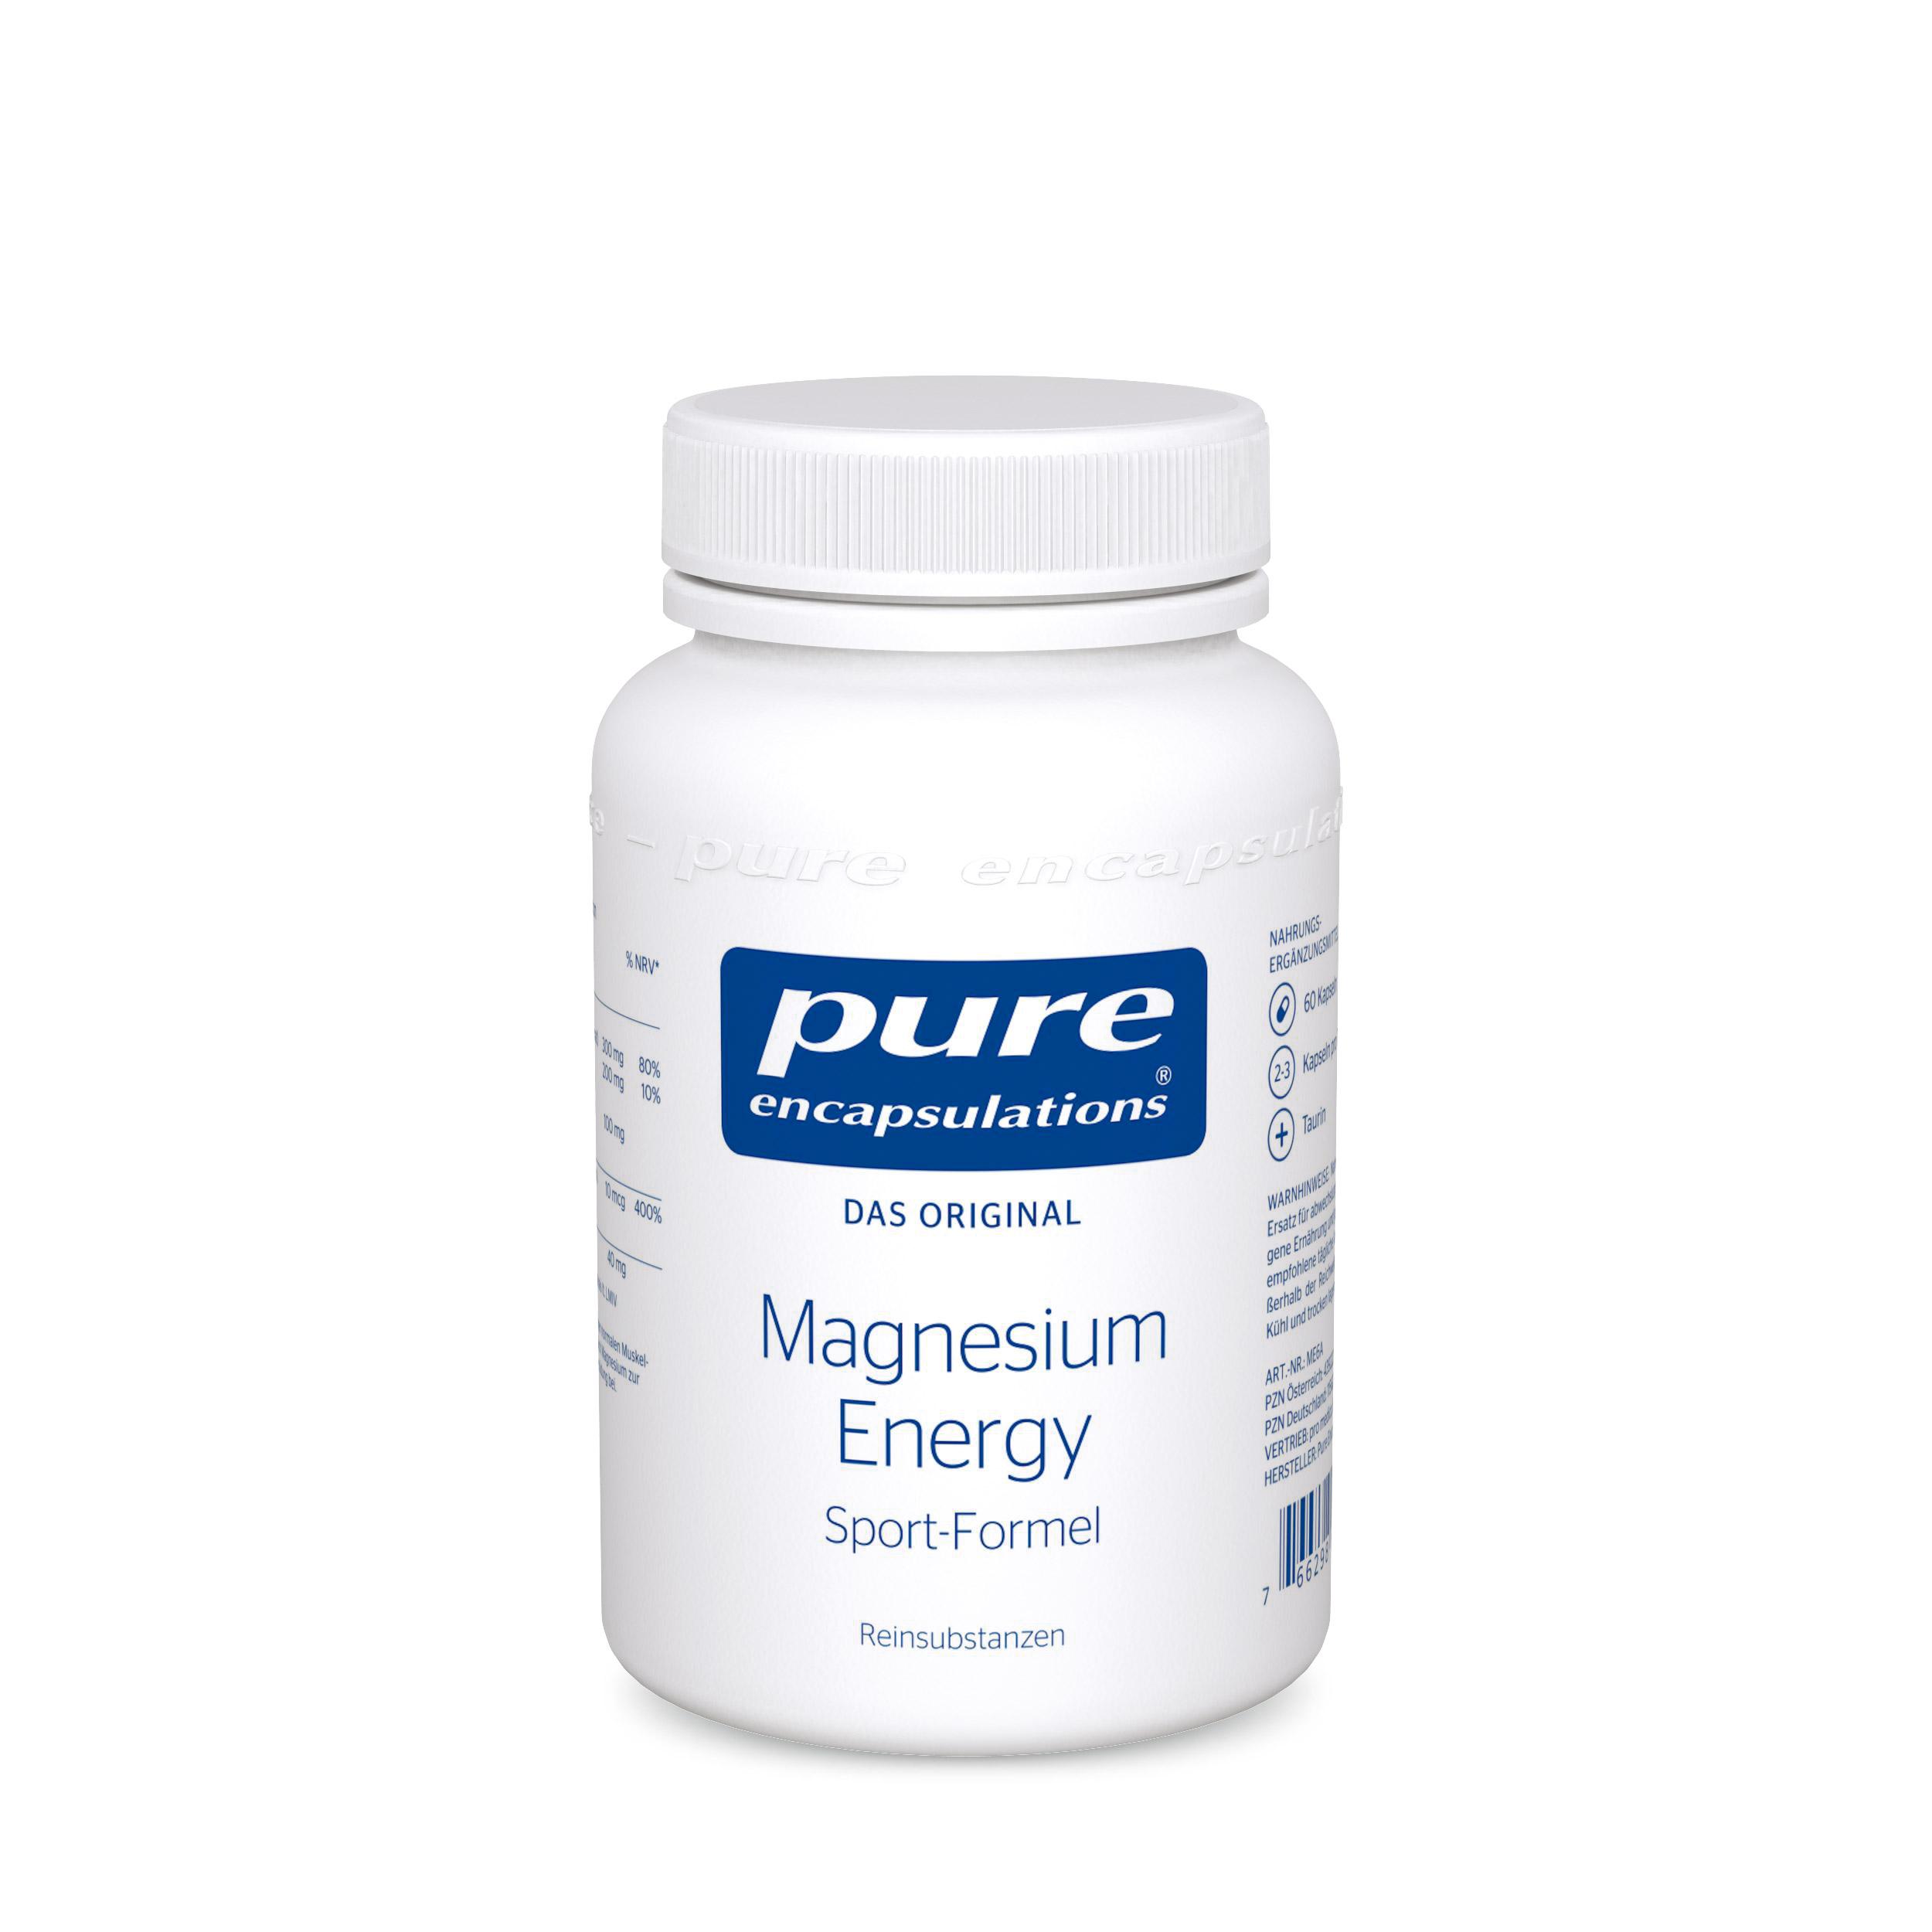 Für die Muskeln und wenn Sportler wieder ein Extra an Energie und Magnesium benötigen.